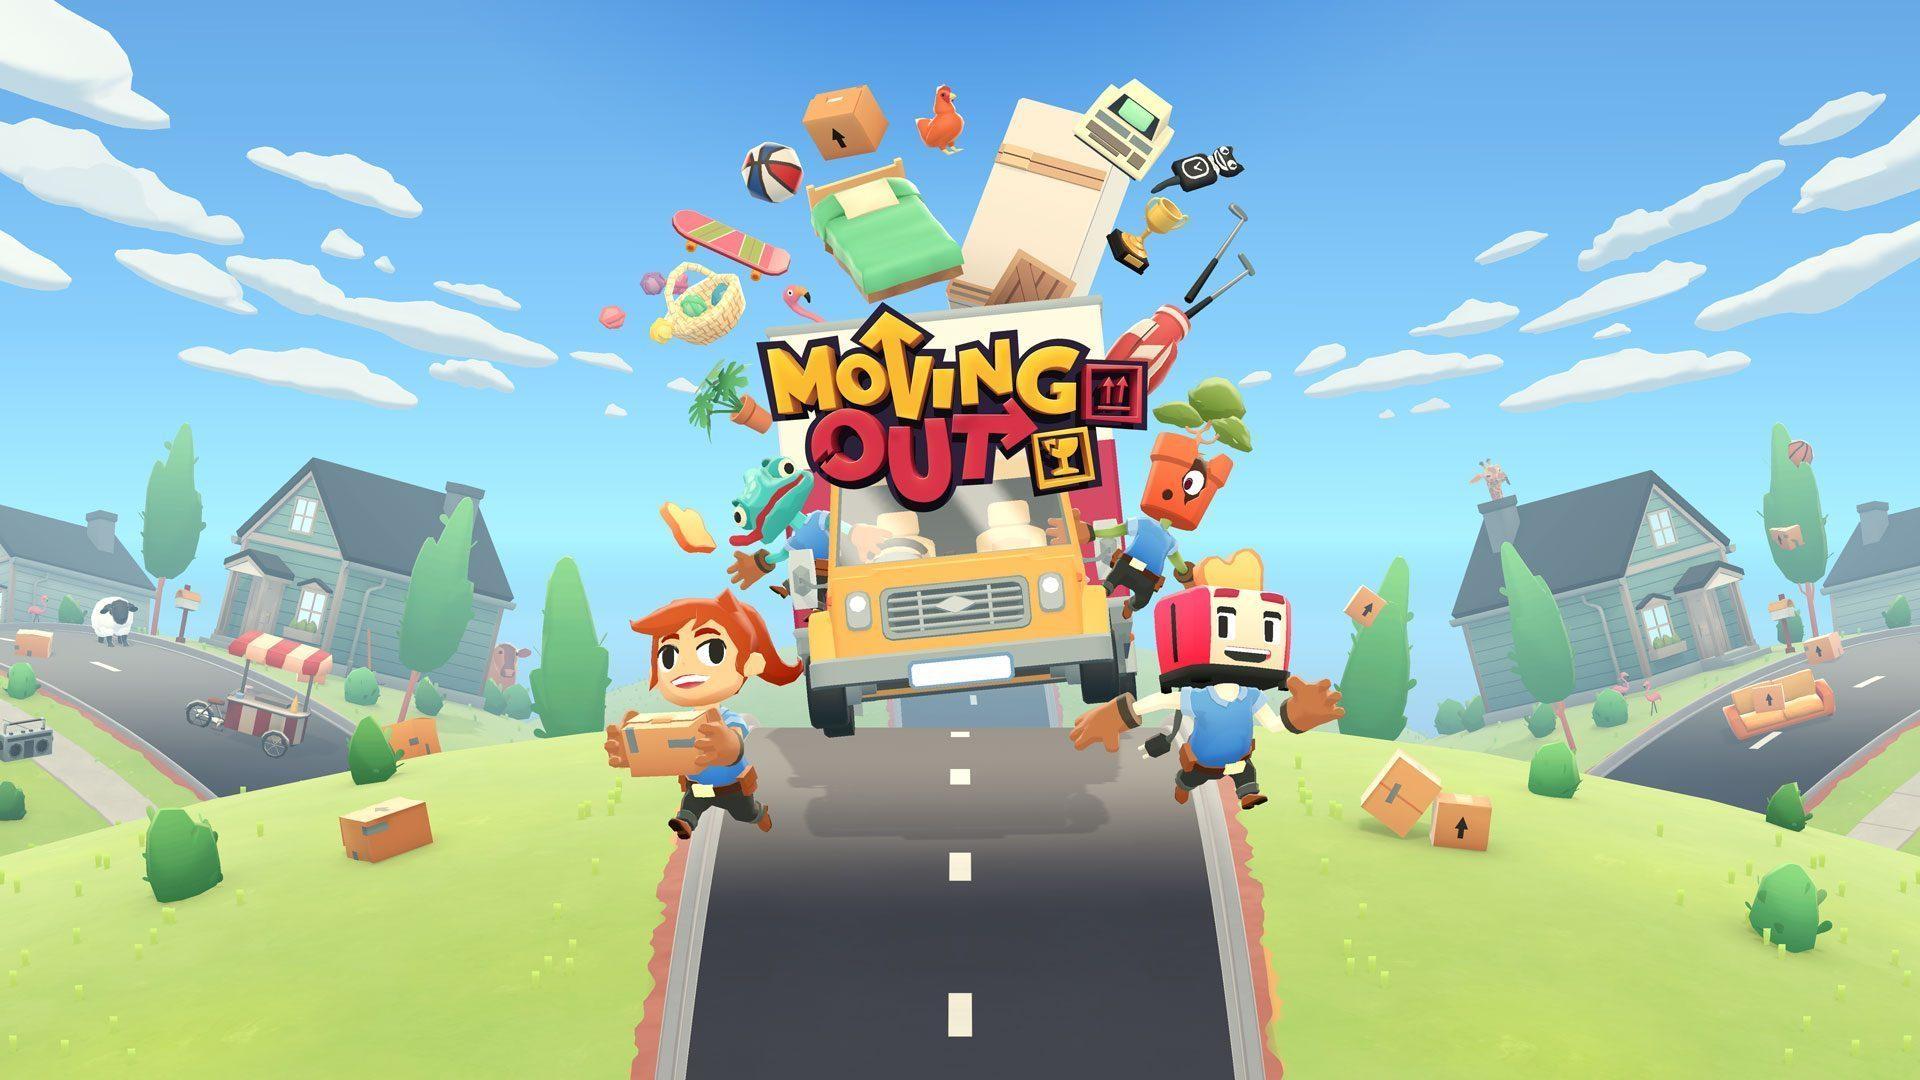 movingout_vignette